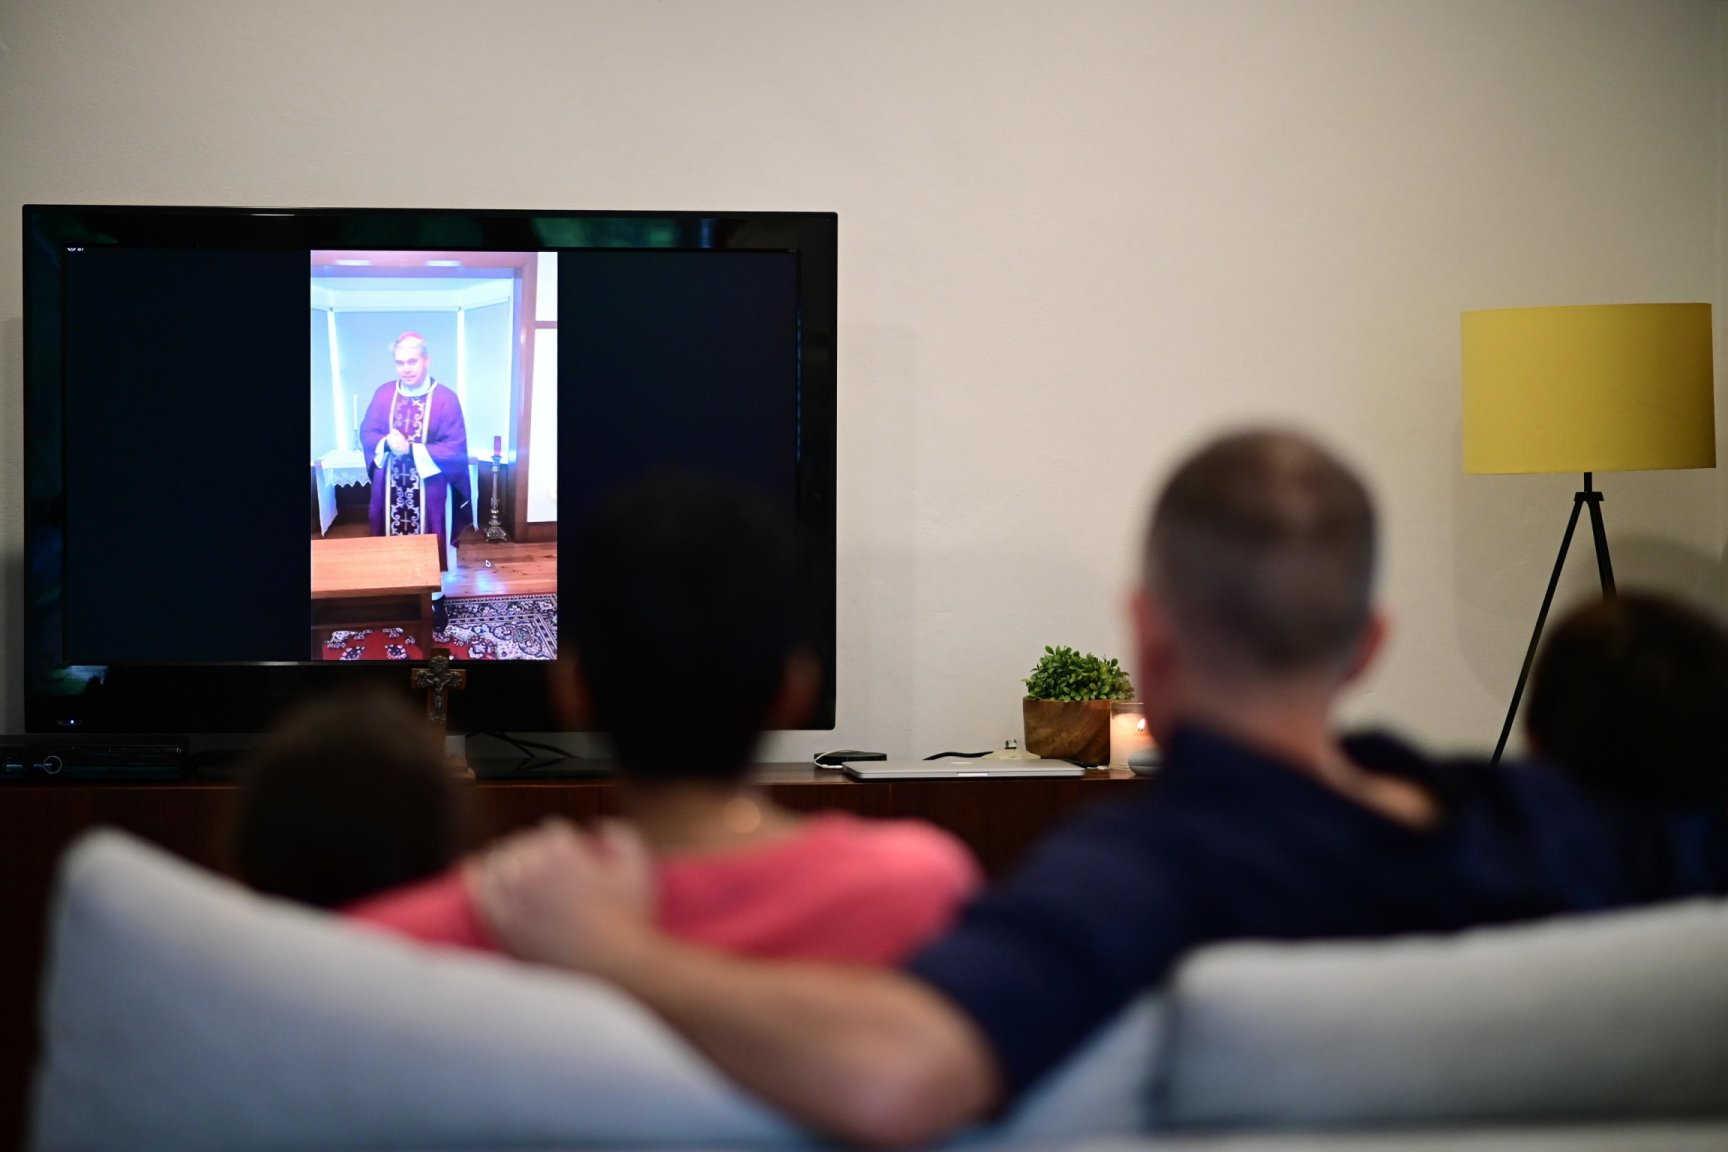 Smart tv, ben 22 milioni la usano. Ascolto in lieve calo ma sopra 11 mln